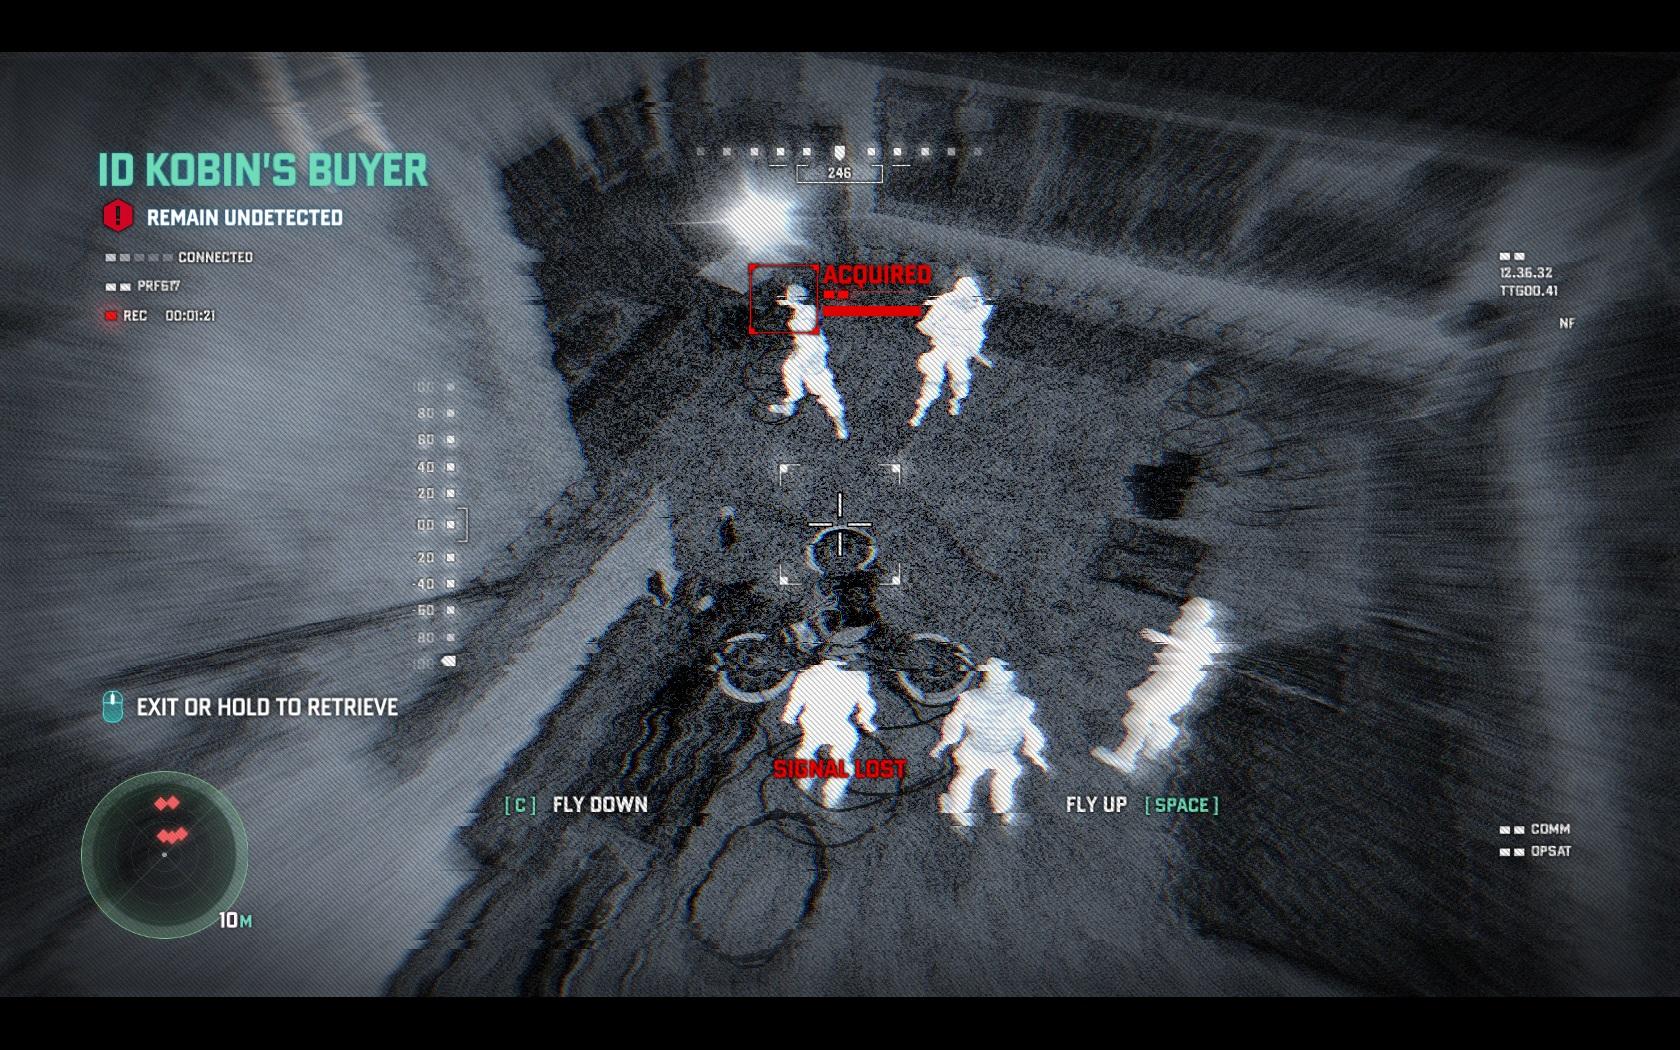 Blacklist_DX11_game 2013-08-25 23-24-42-95.jpg